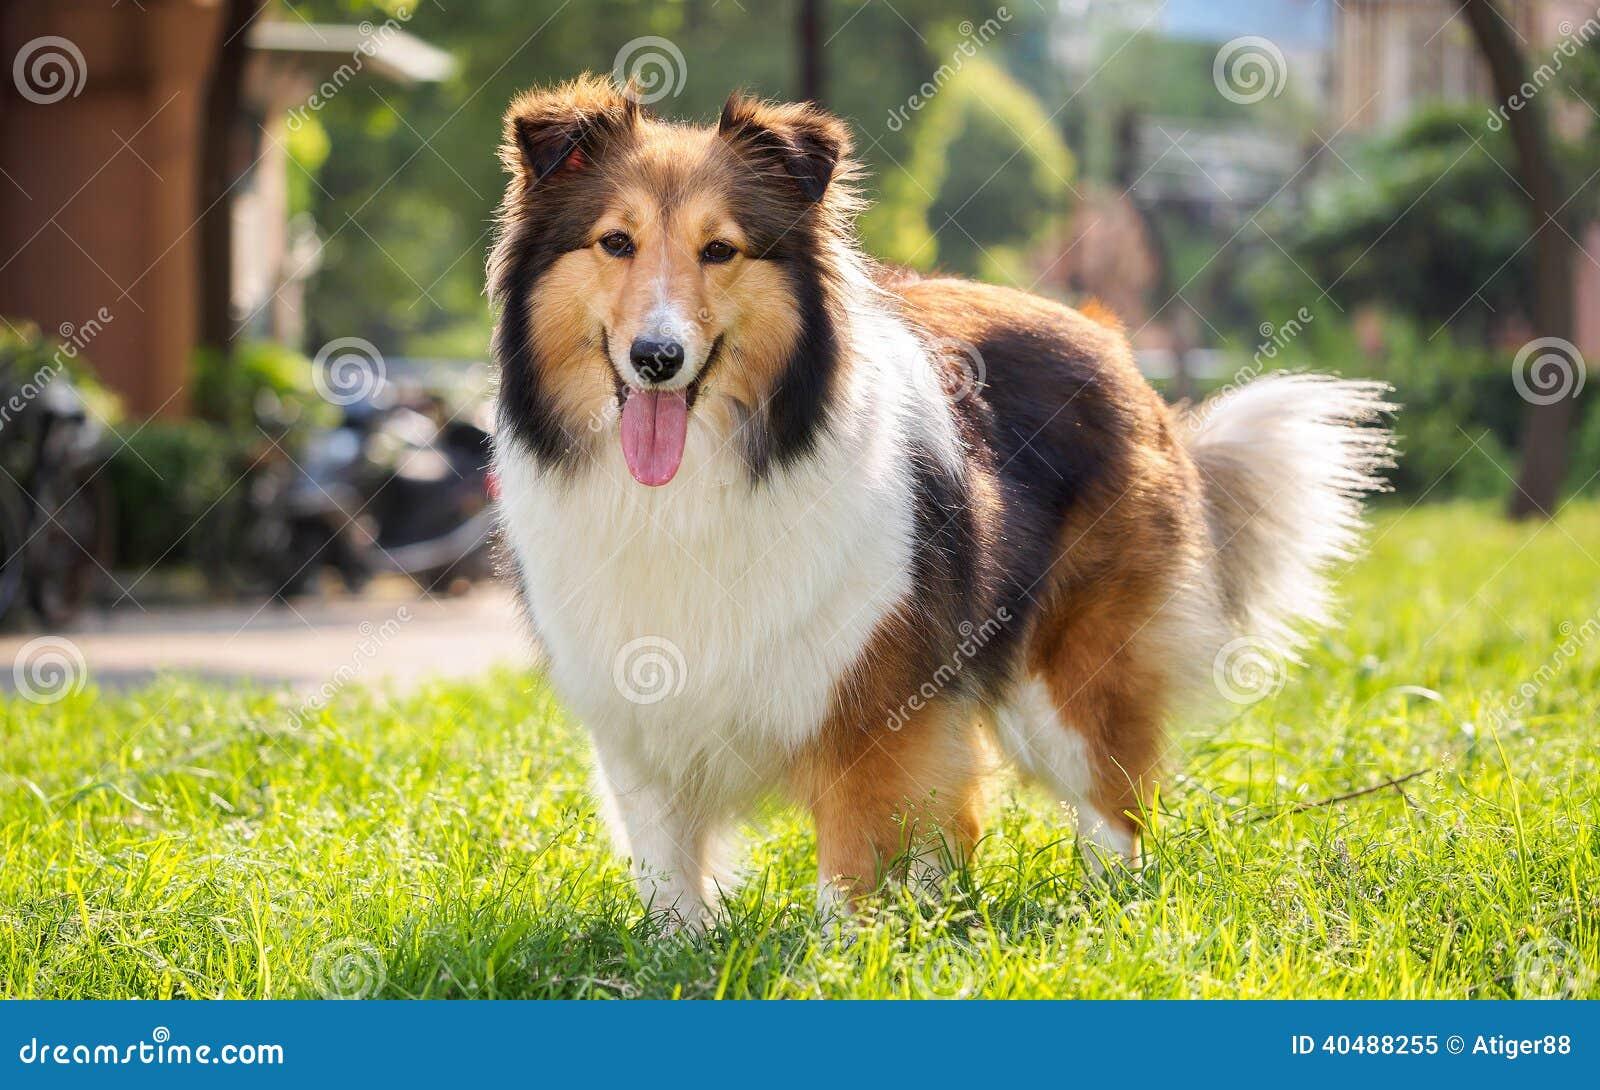 dog shetland sheepdog collie sheltie stock image image of